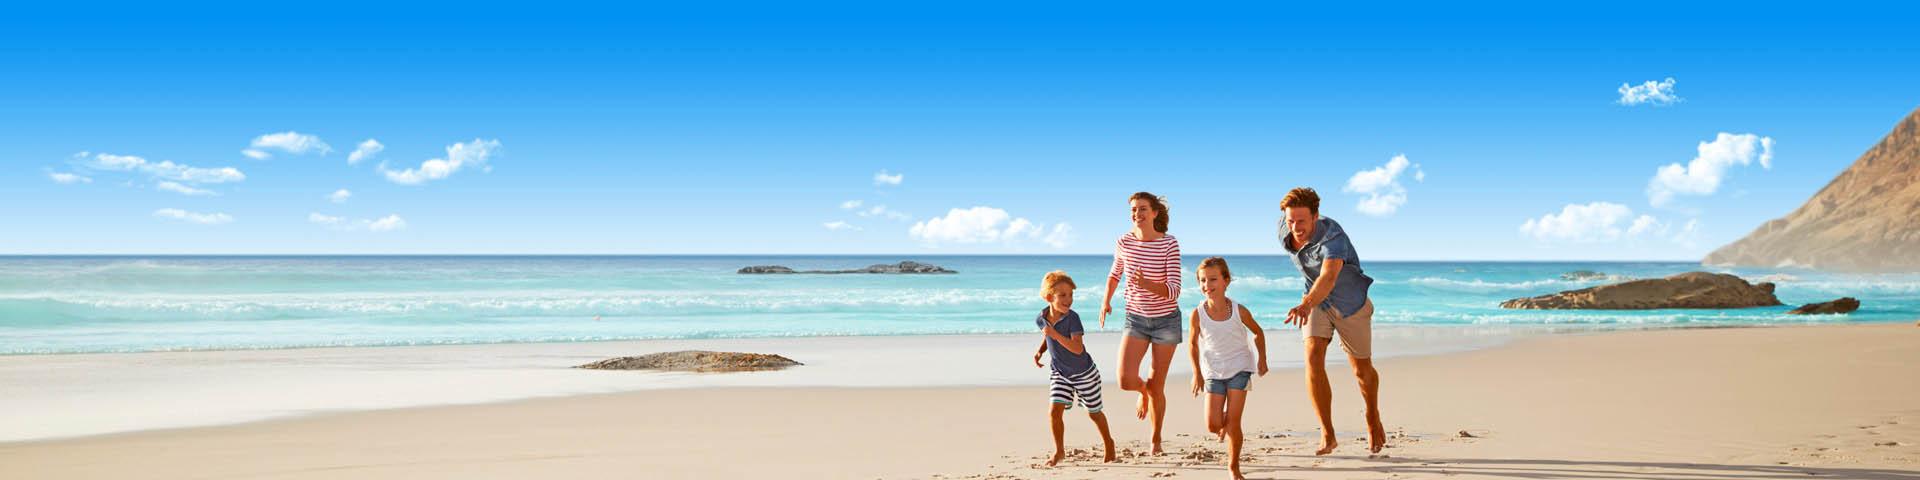 Gezin aan het rennen op het strand op vakantie